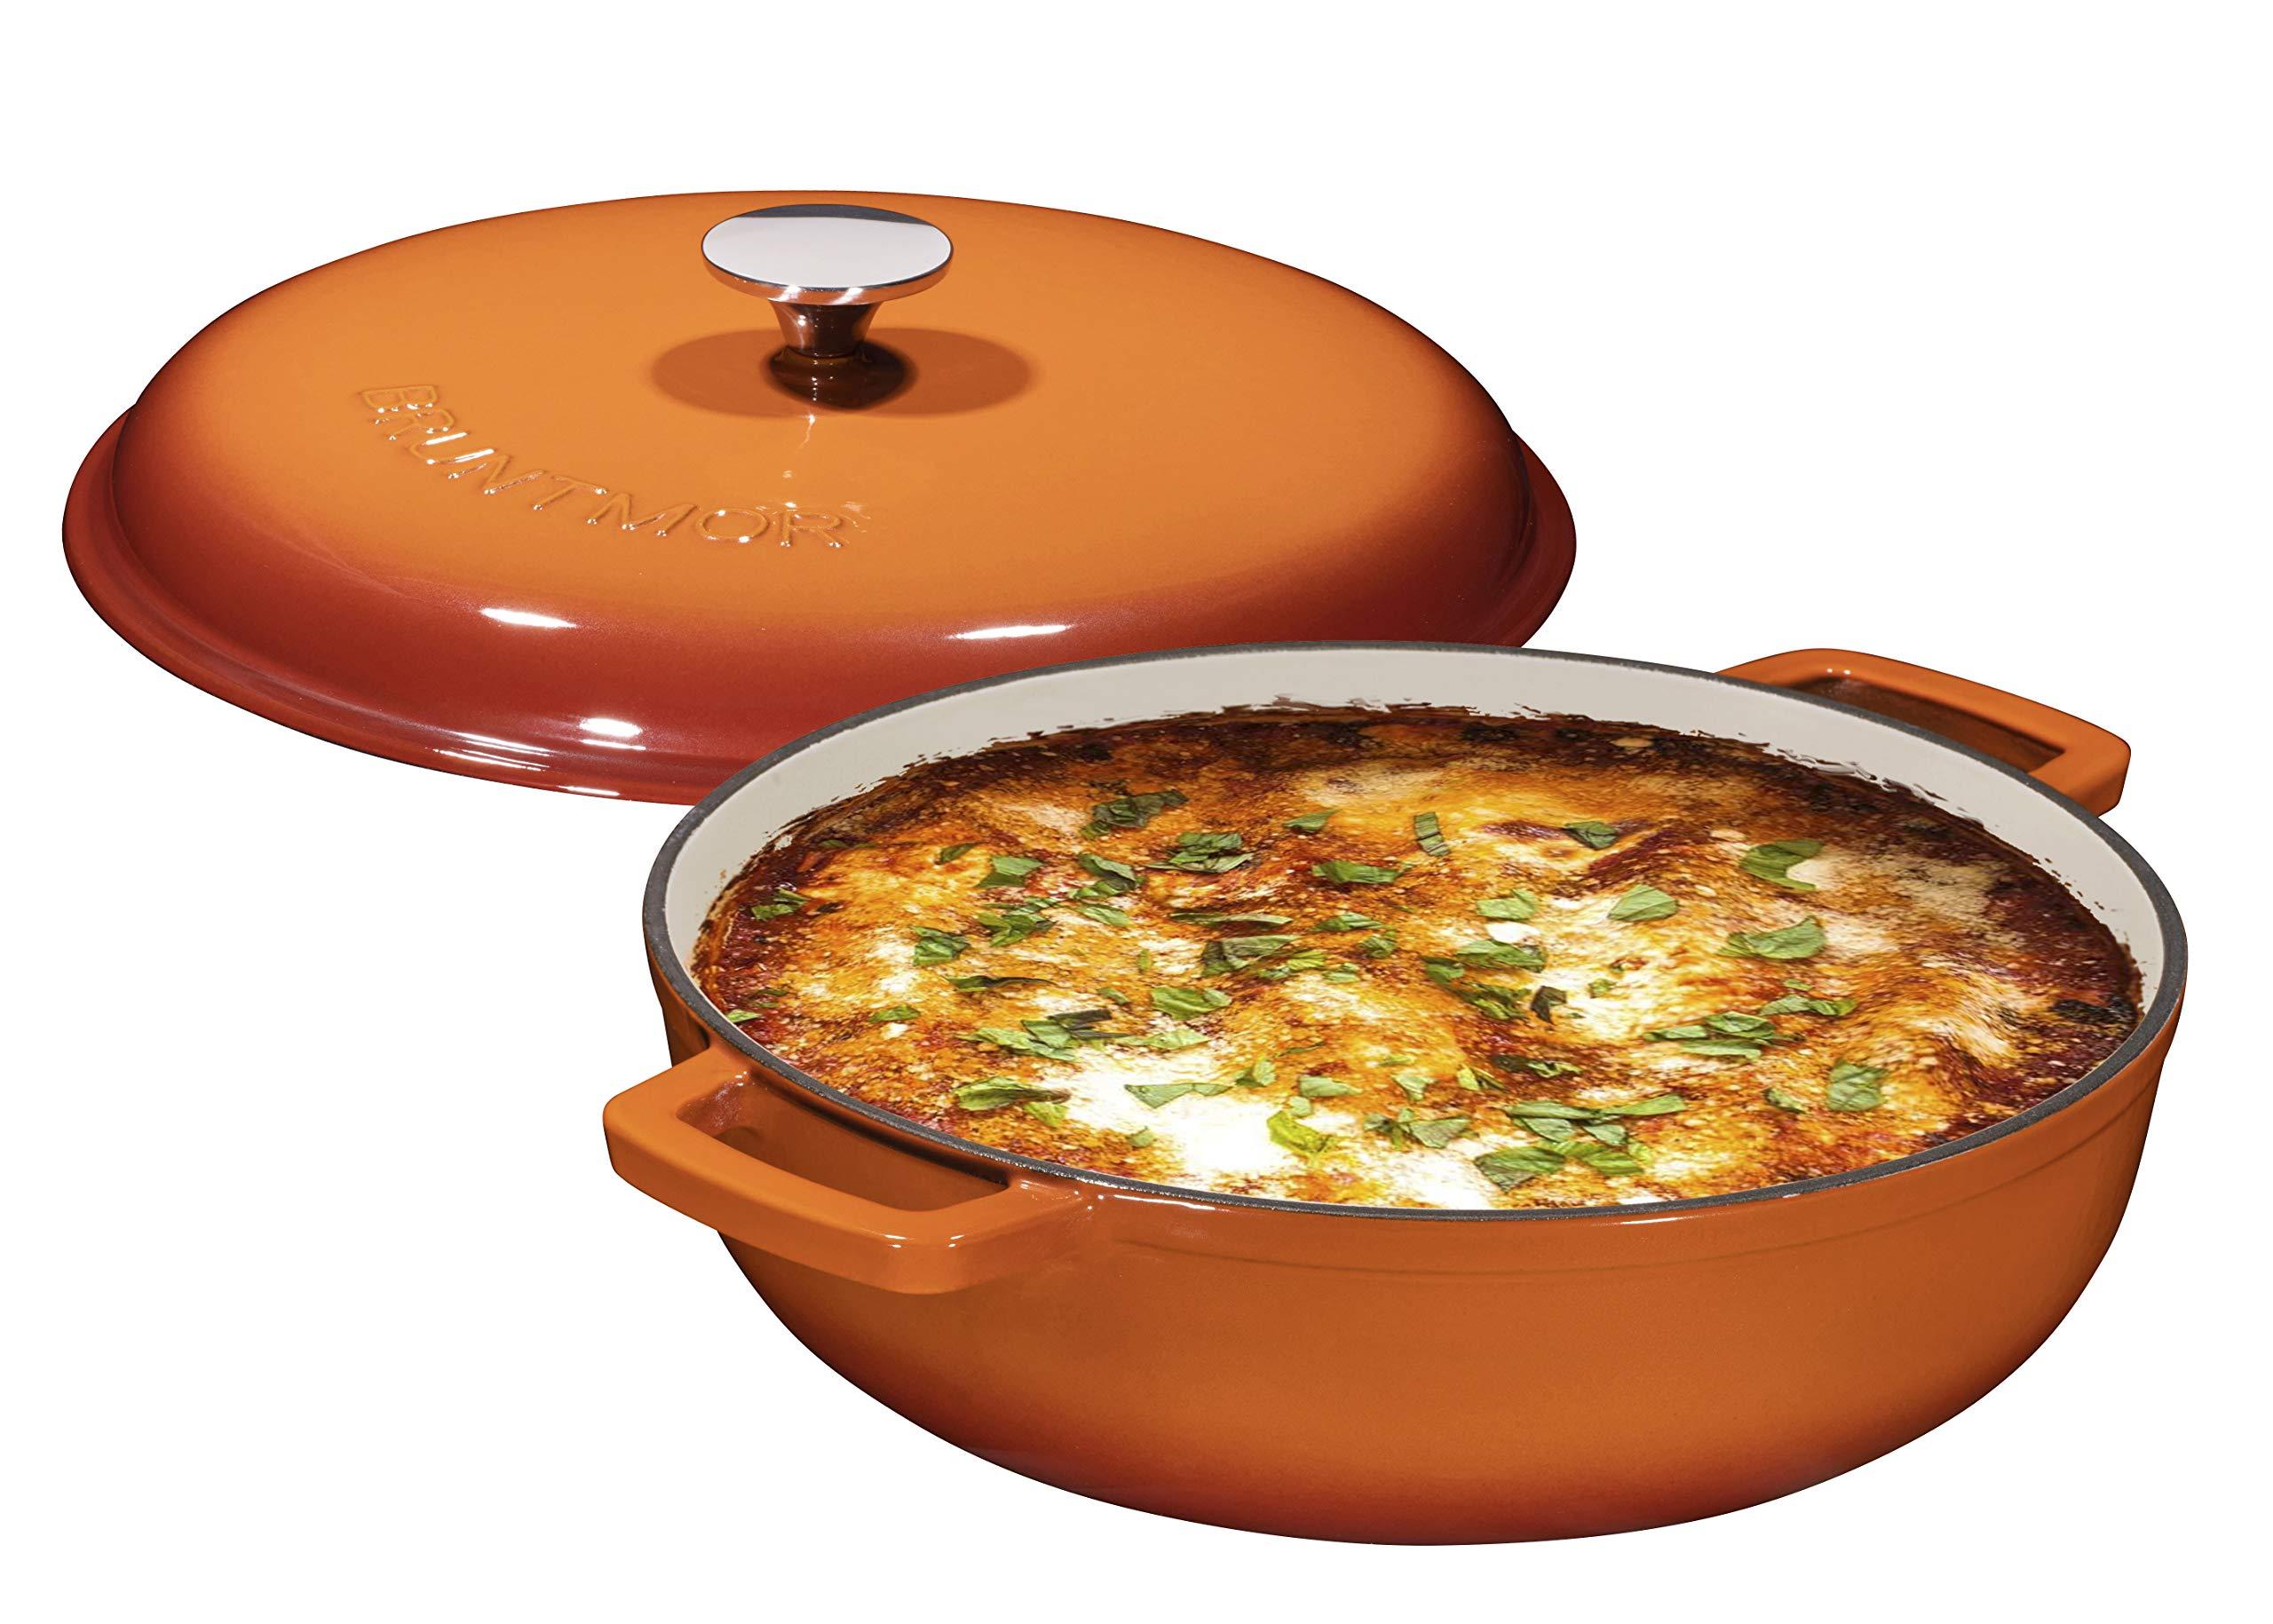 Enameled 4.5 Quart Cast Iron Casserole Dish Dutch Oven Marmite Pot Super Heat Retention Gradient Pumpkin Spice (144oz.) by Bruntmor (Image #1)